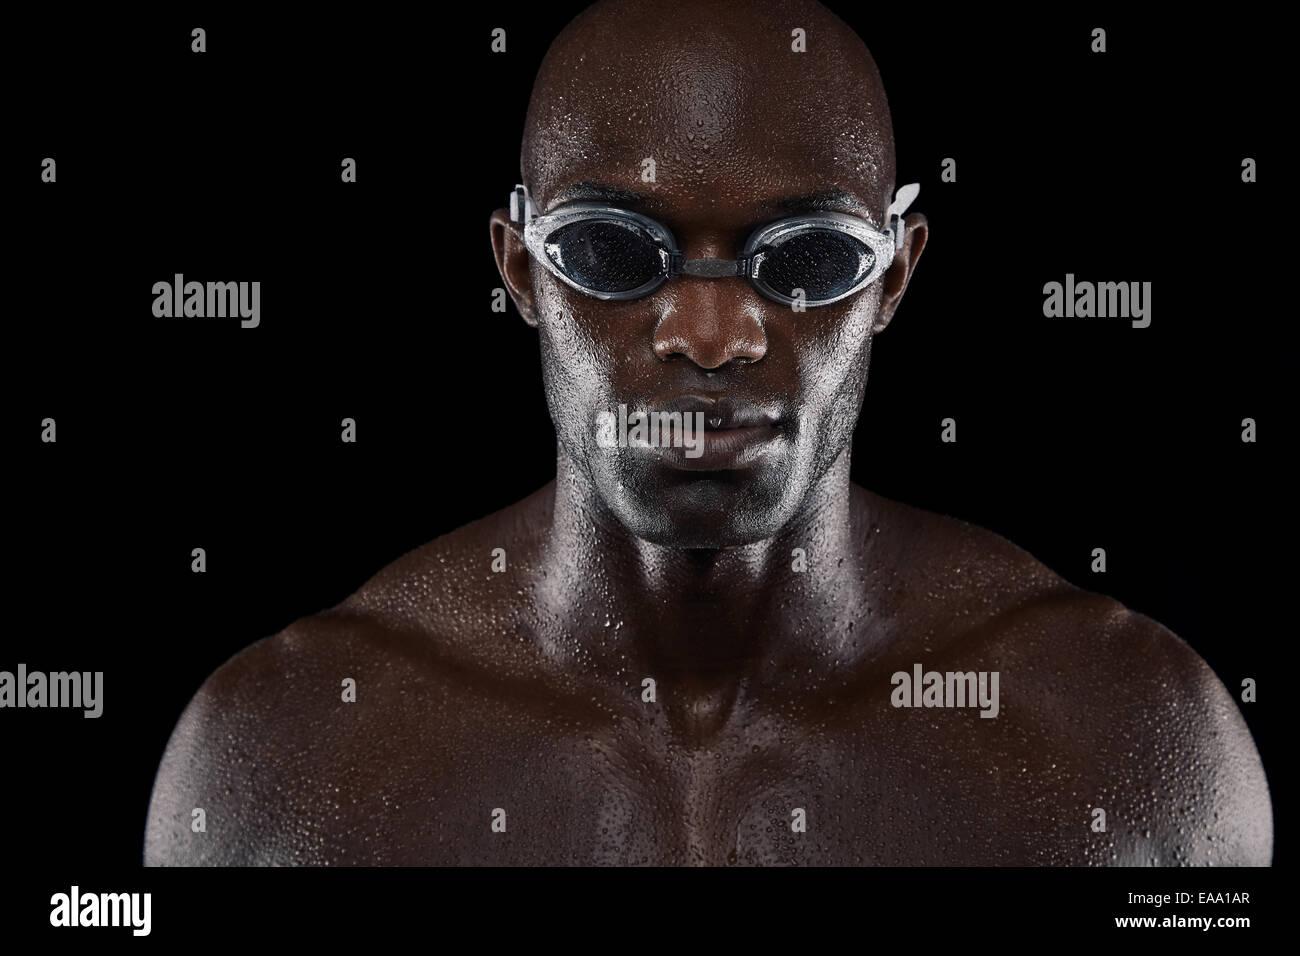 Retrato de seguros nadador masculino mirando a la cámara contra el fondo negro. Imagen cercana de joven nadar Imagen De Stock